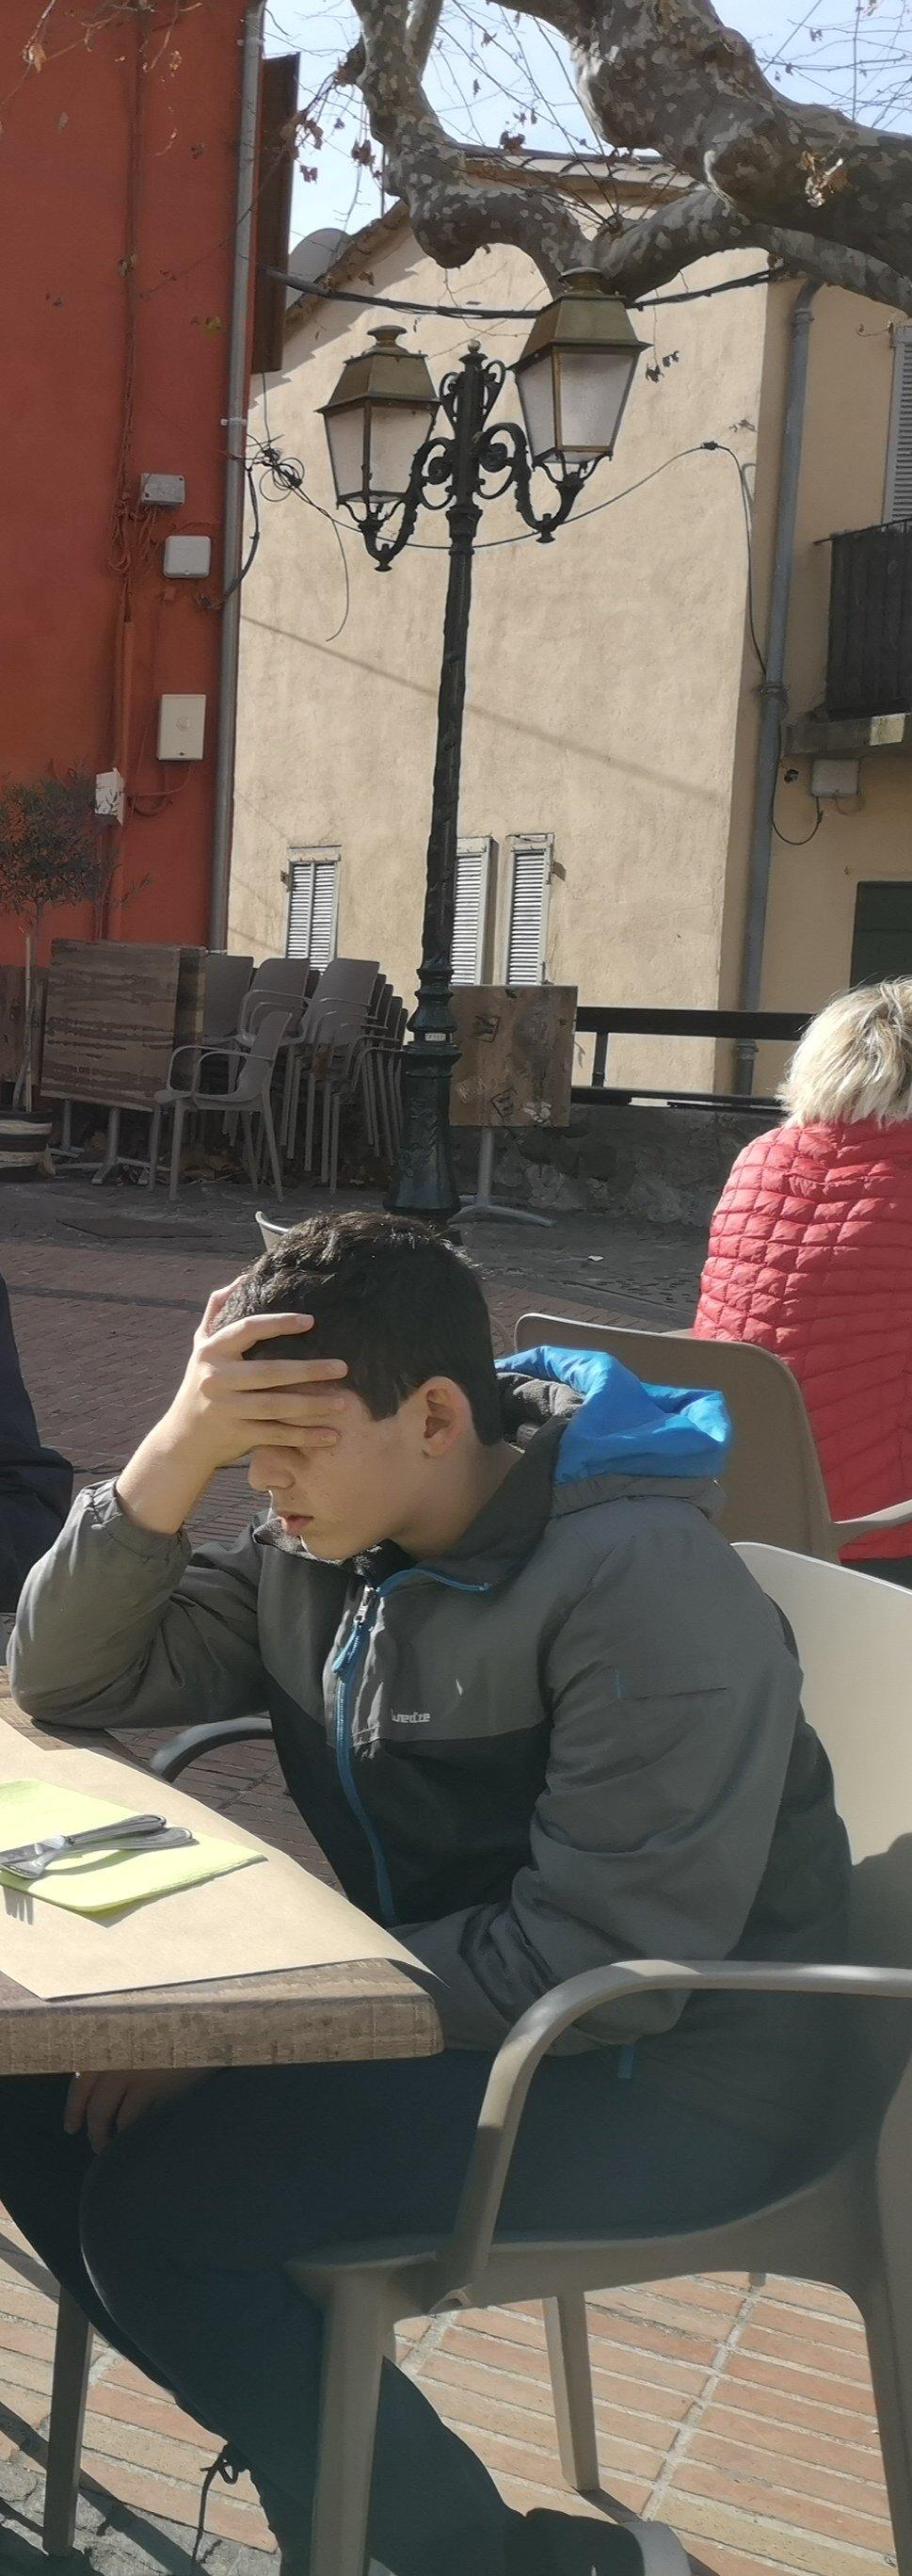 ילד עייף בכפר עתיק וקסום